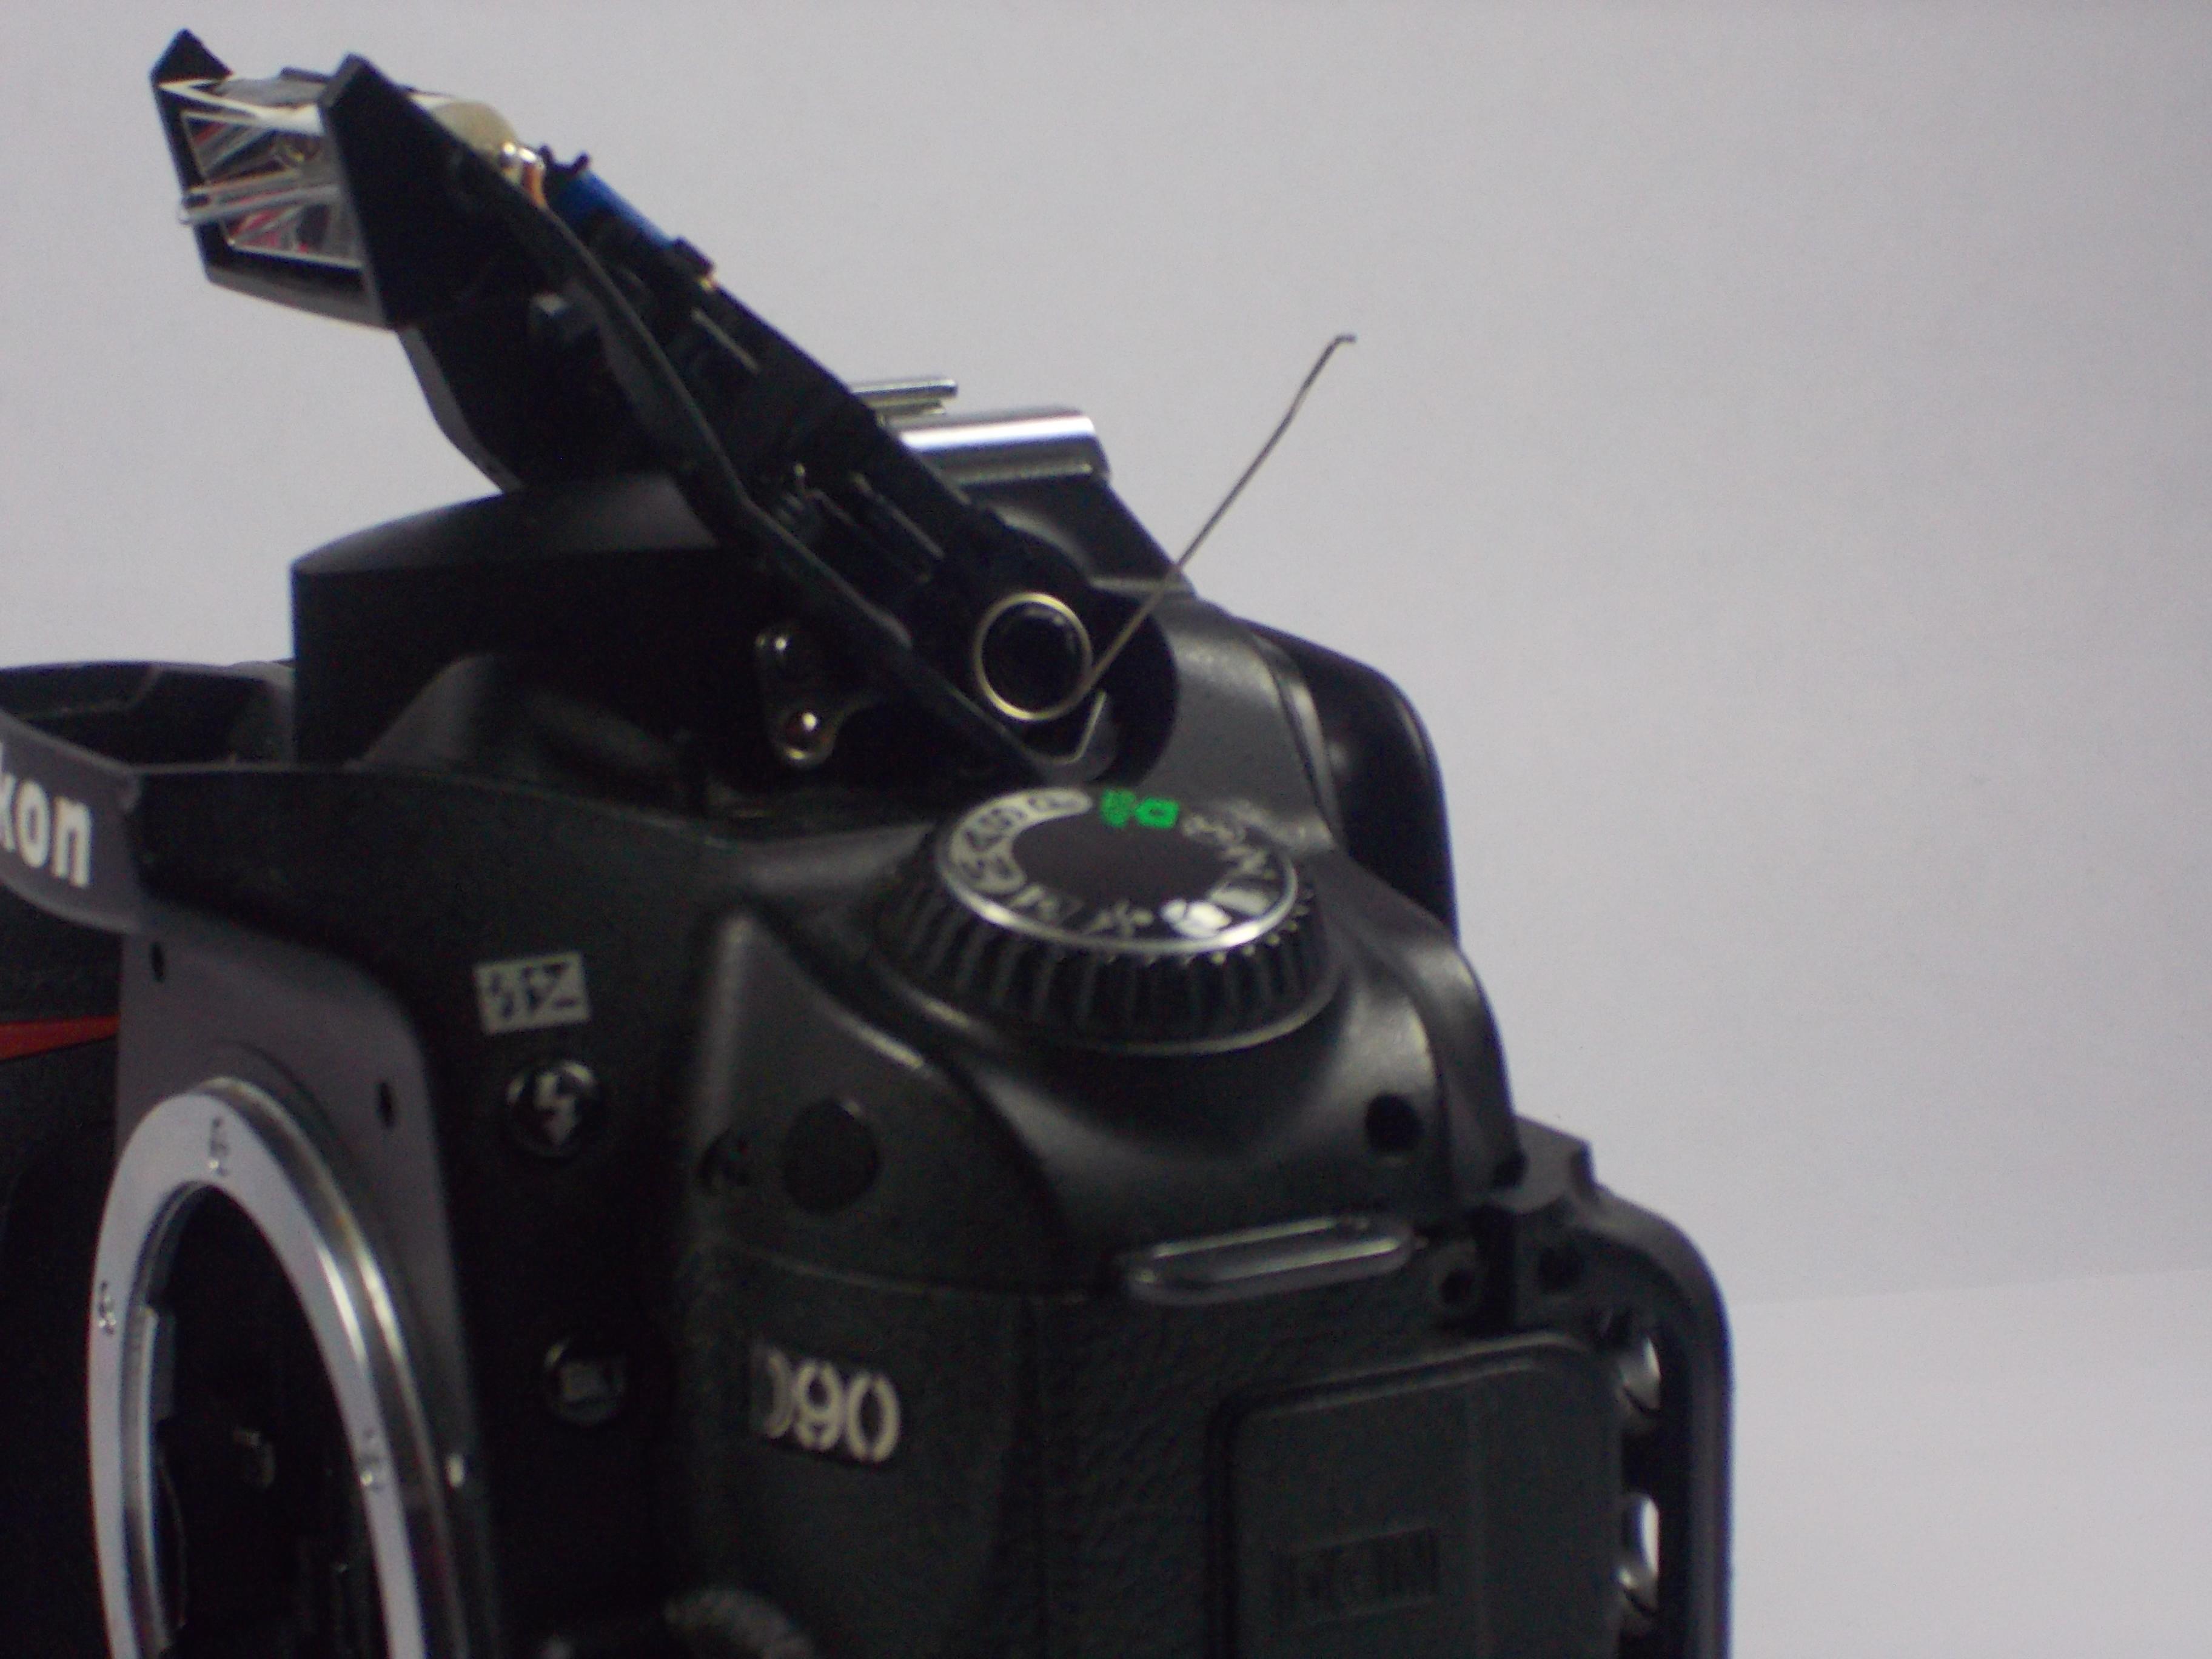 Nikon D90 Repair Ifixit Diagram Of A Dslr Camera Digital Block Flash Hinge Spring